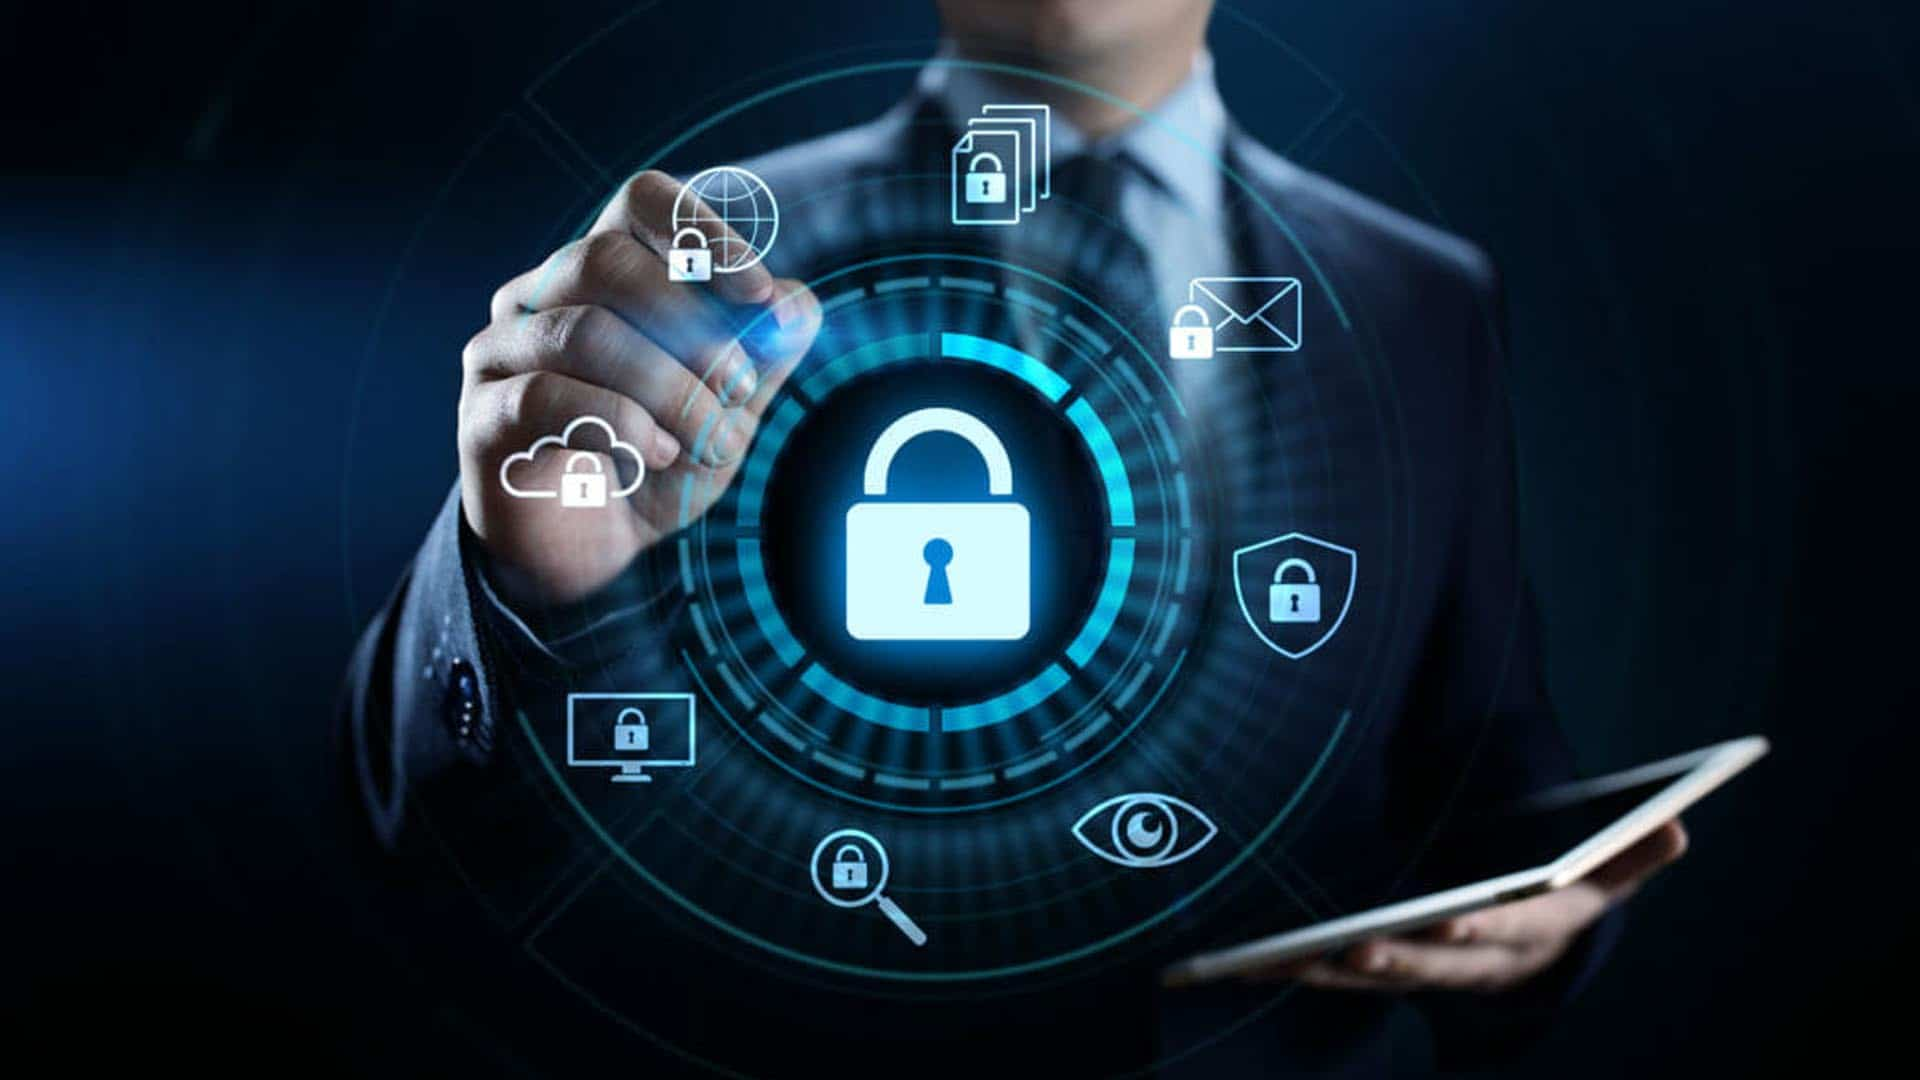 Cyber crimine in aumento: a confermarlo i dati di Verizon Business thumbnail